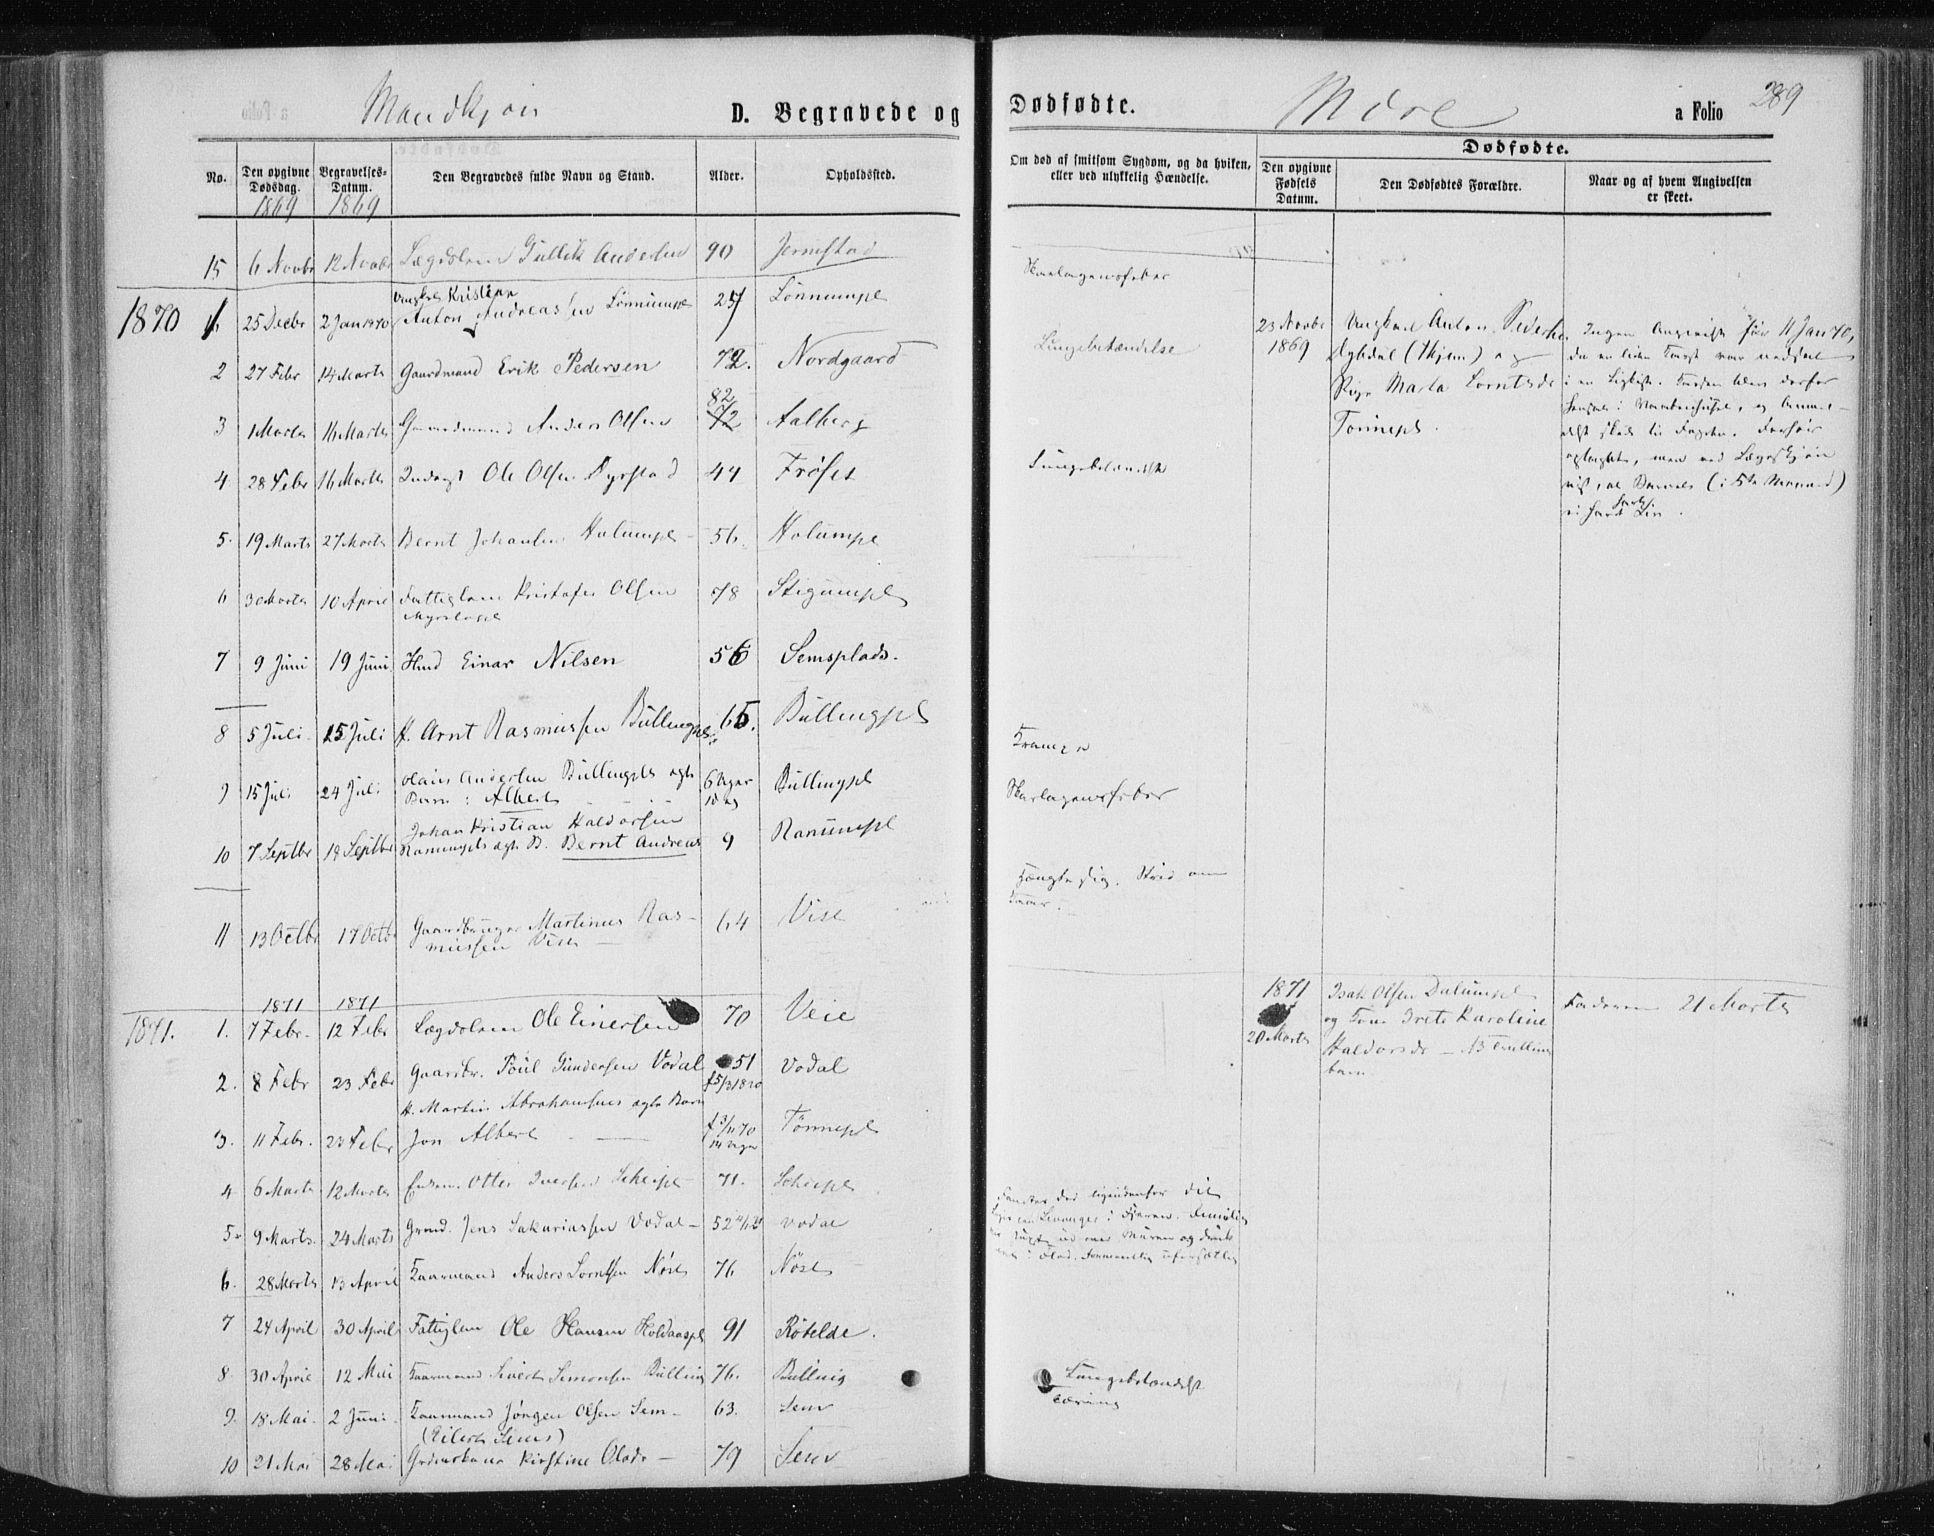 SAT, Ministerialprotokoller, klokkerbøker og fødselsregistre - Nord-Trøndelag, 735/L0345: Ministerialbok nr. 735A08 /1, 1863-1872, s. 289